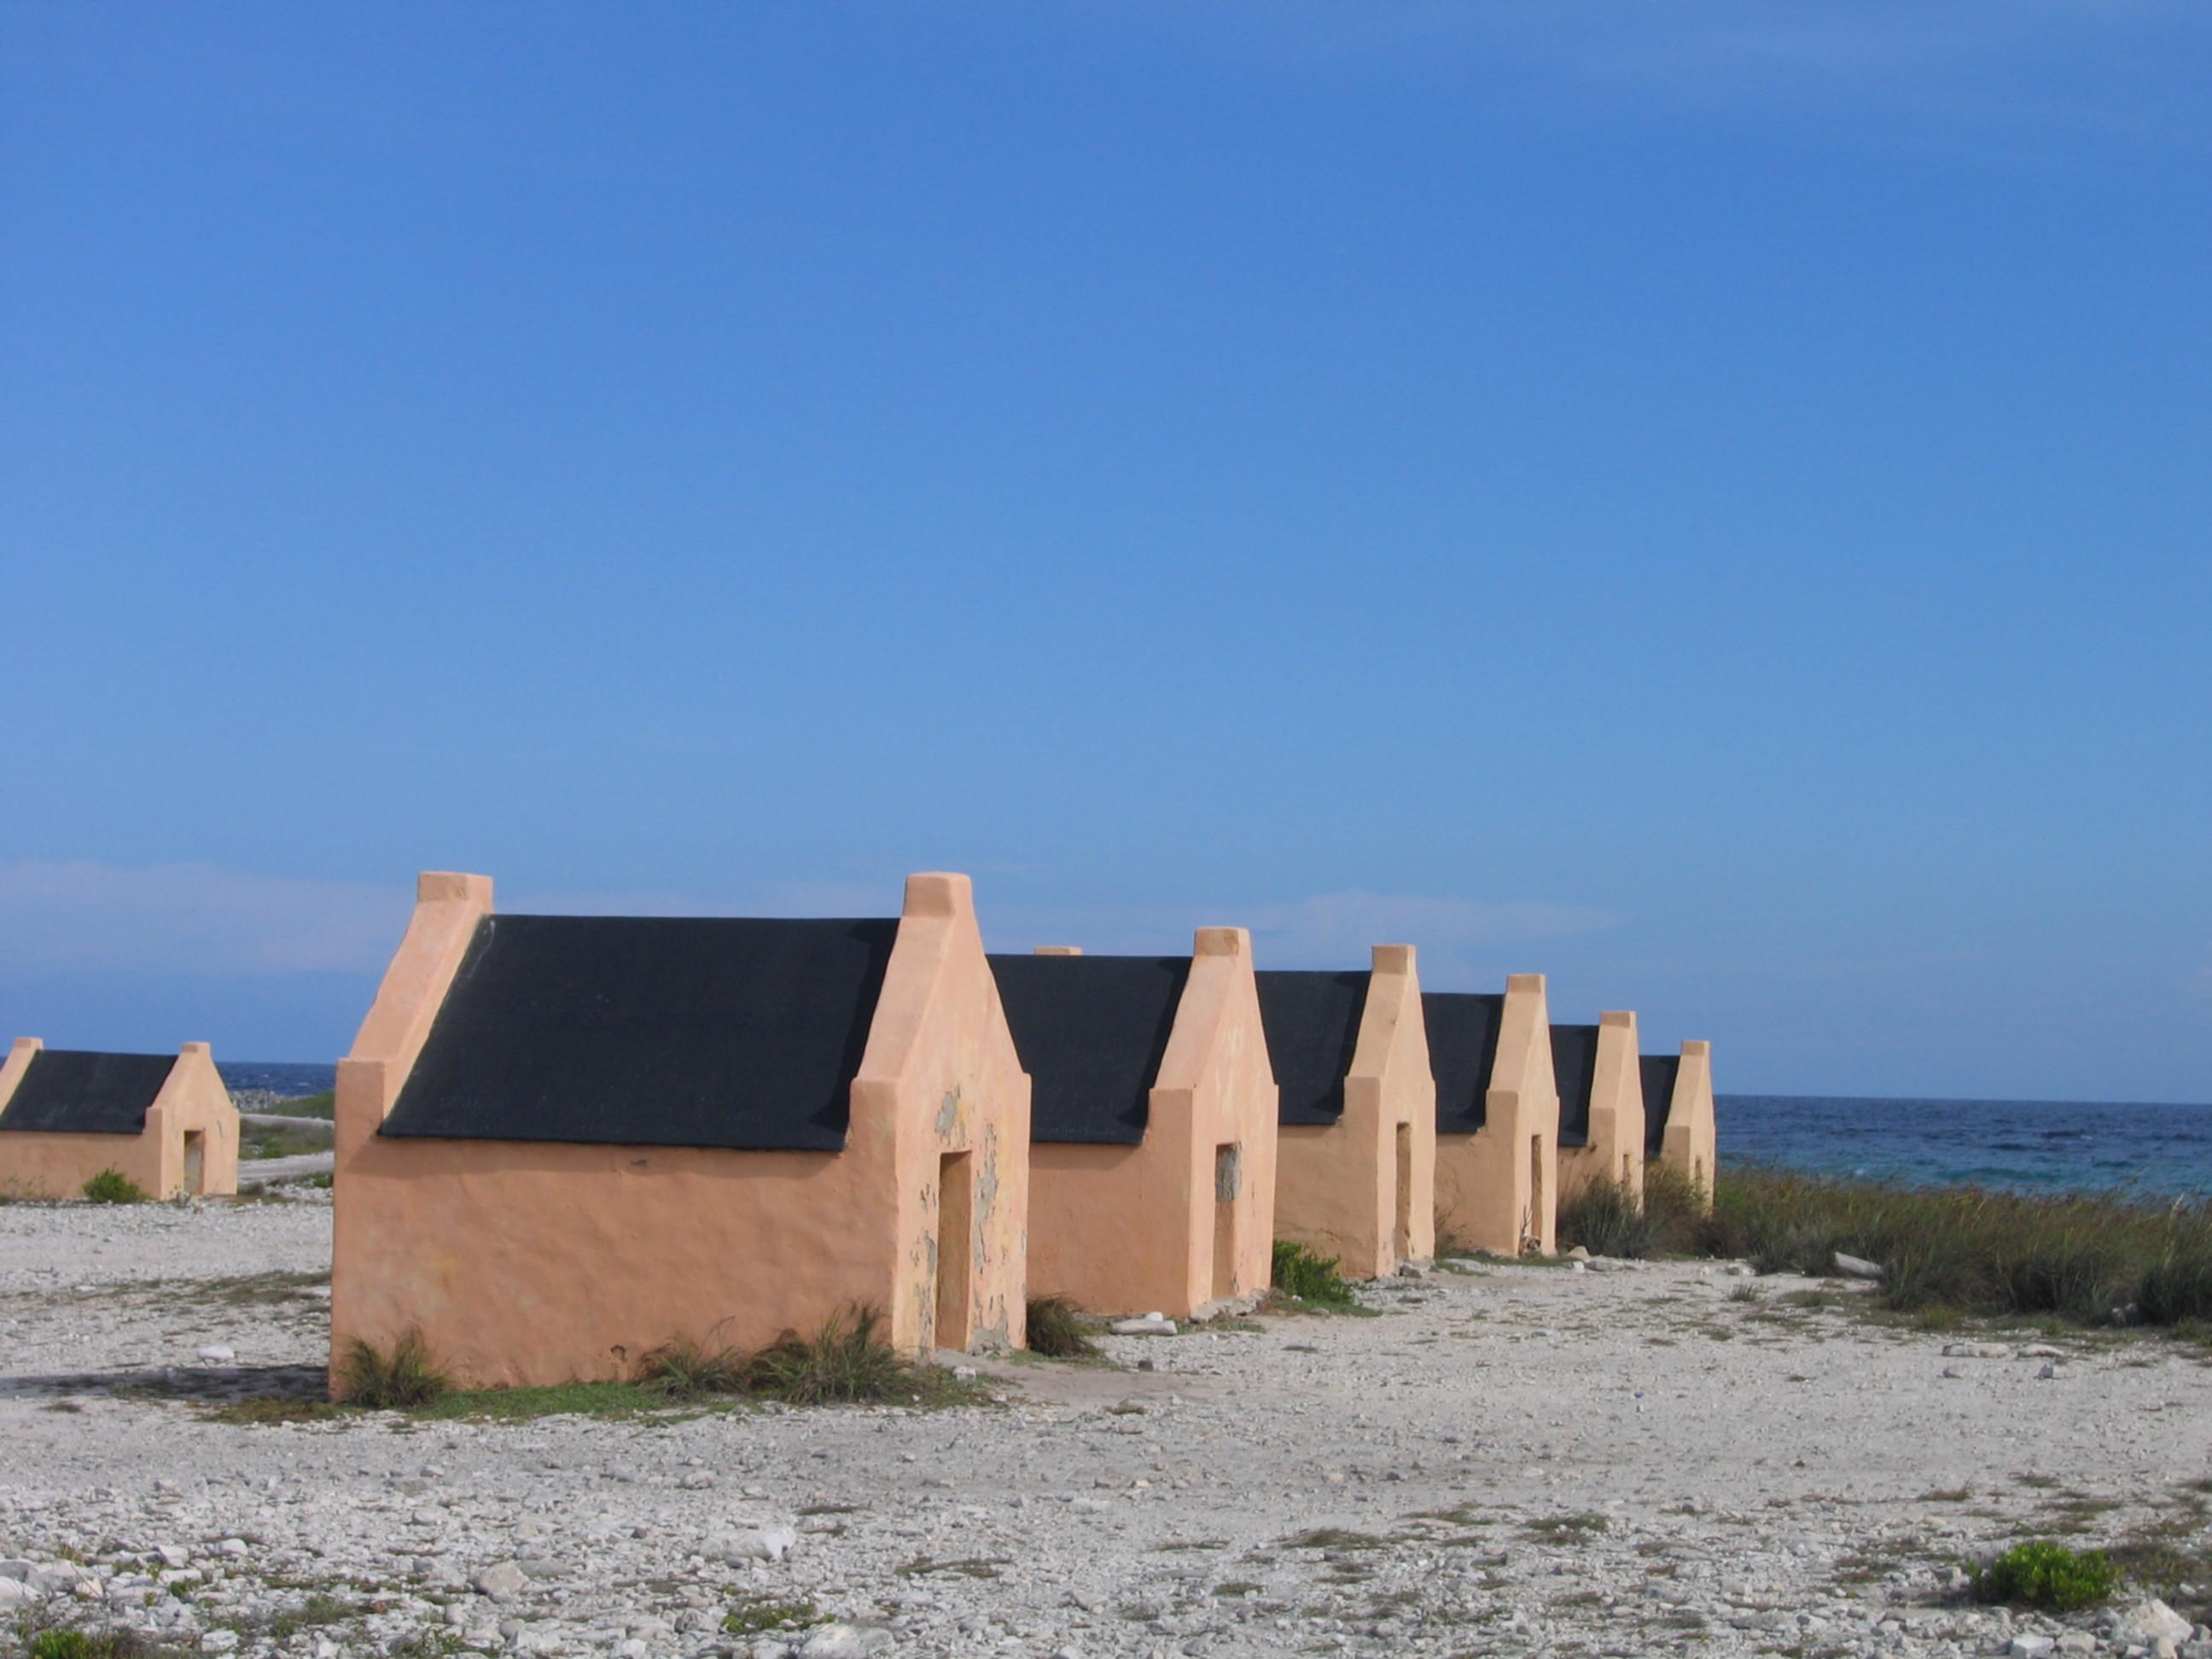 Bonaire_Red_Slave_Huts